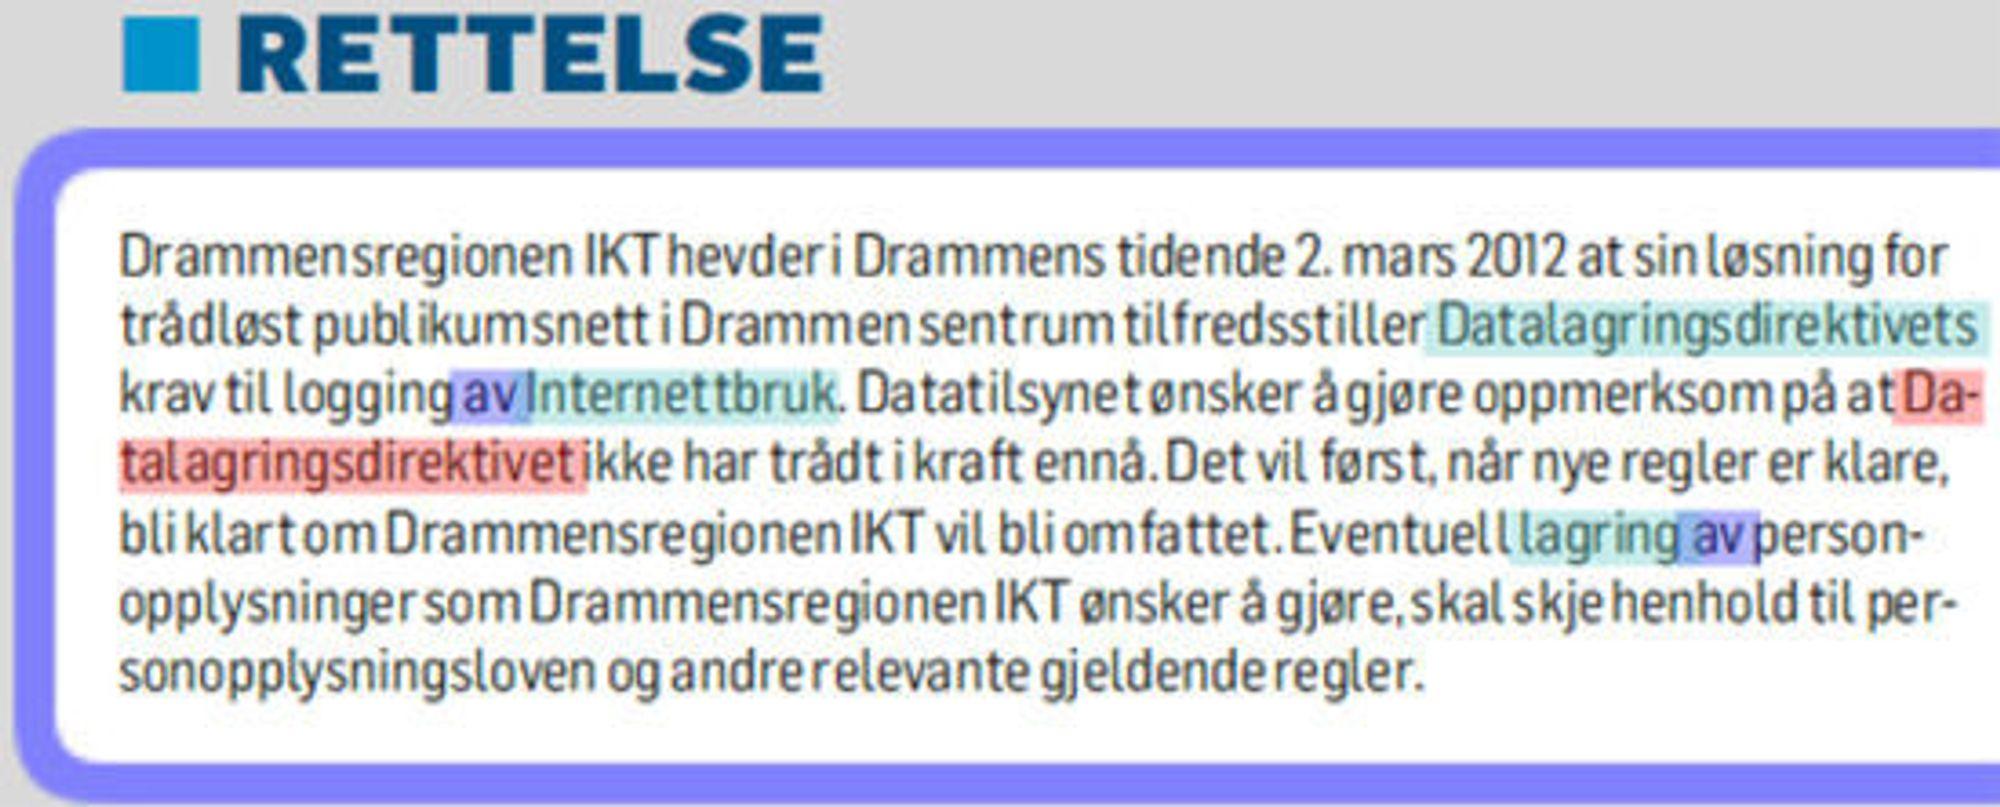 Drammens tidende trykket lørdag en rettelse, etter at Datatilsynet reagerte.